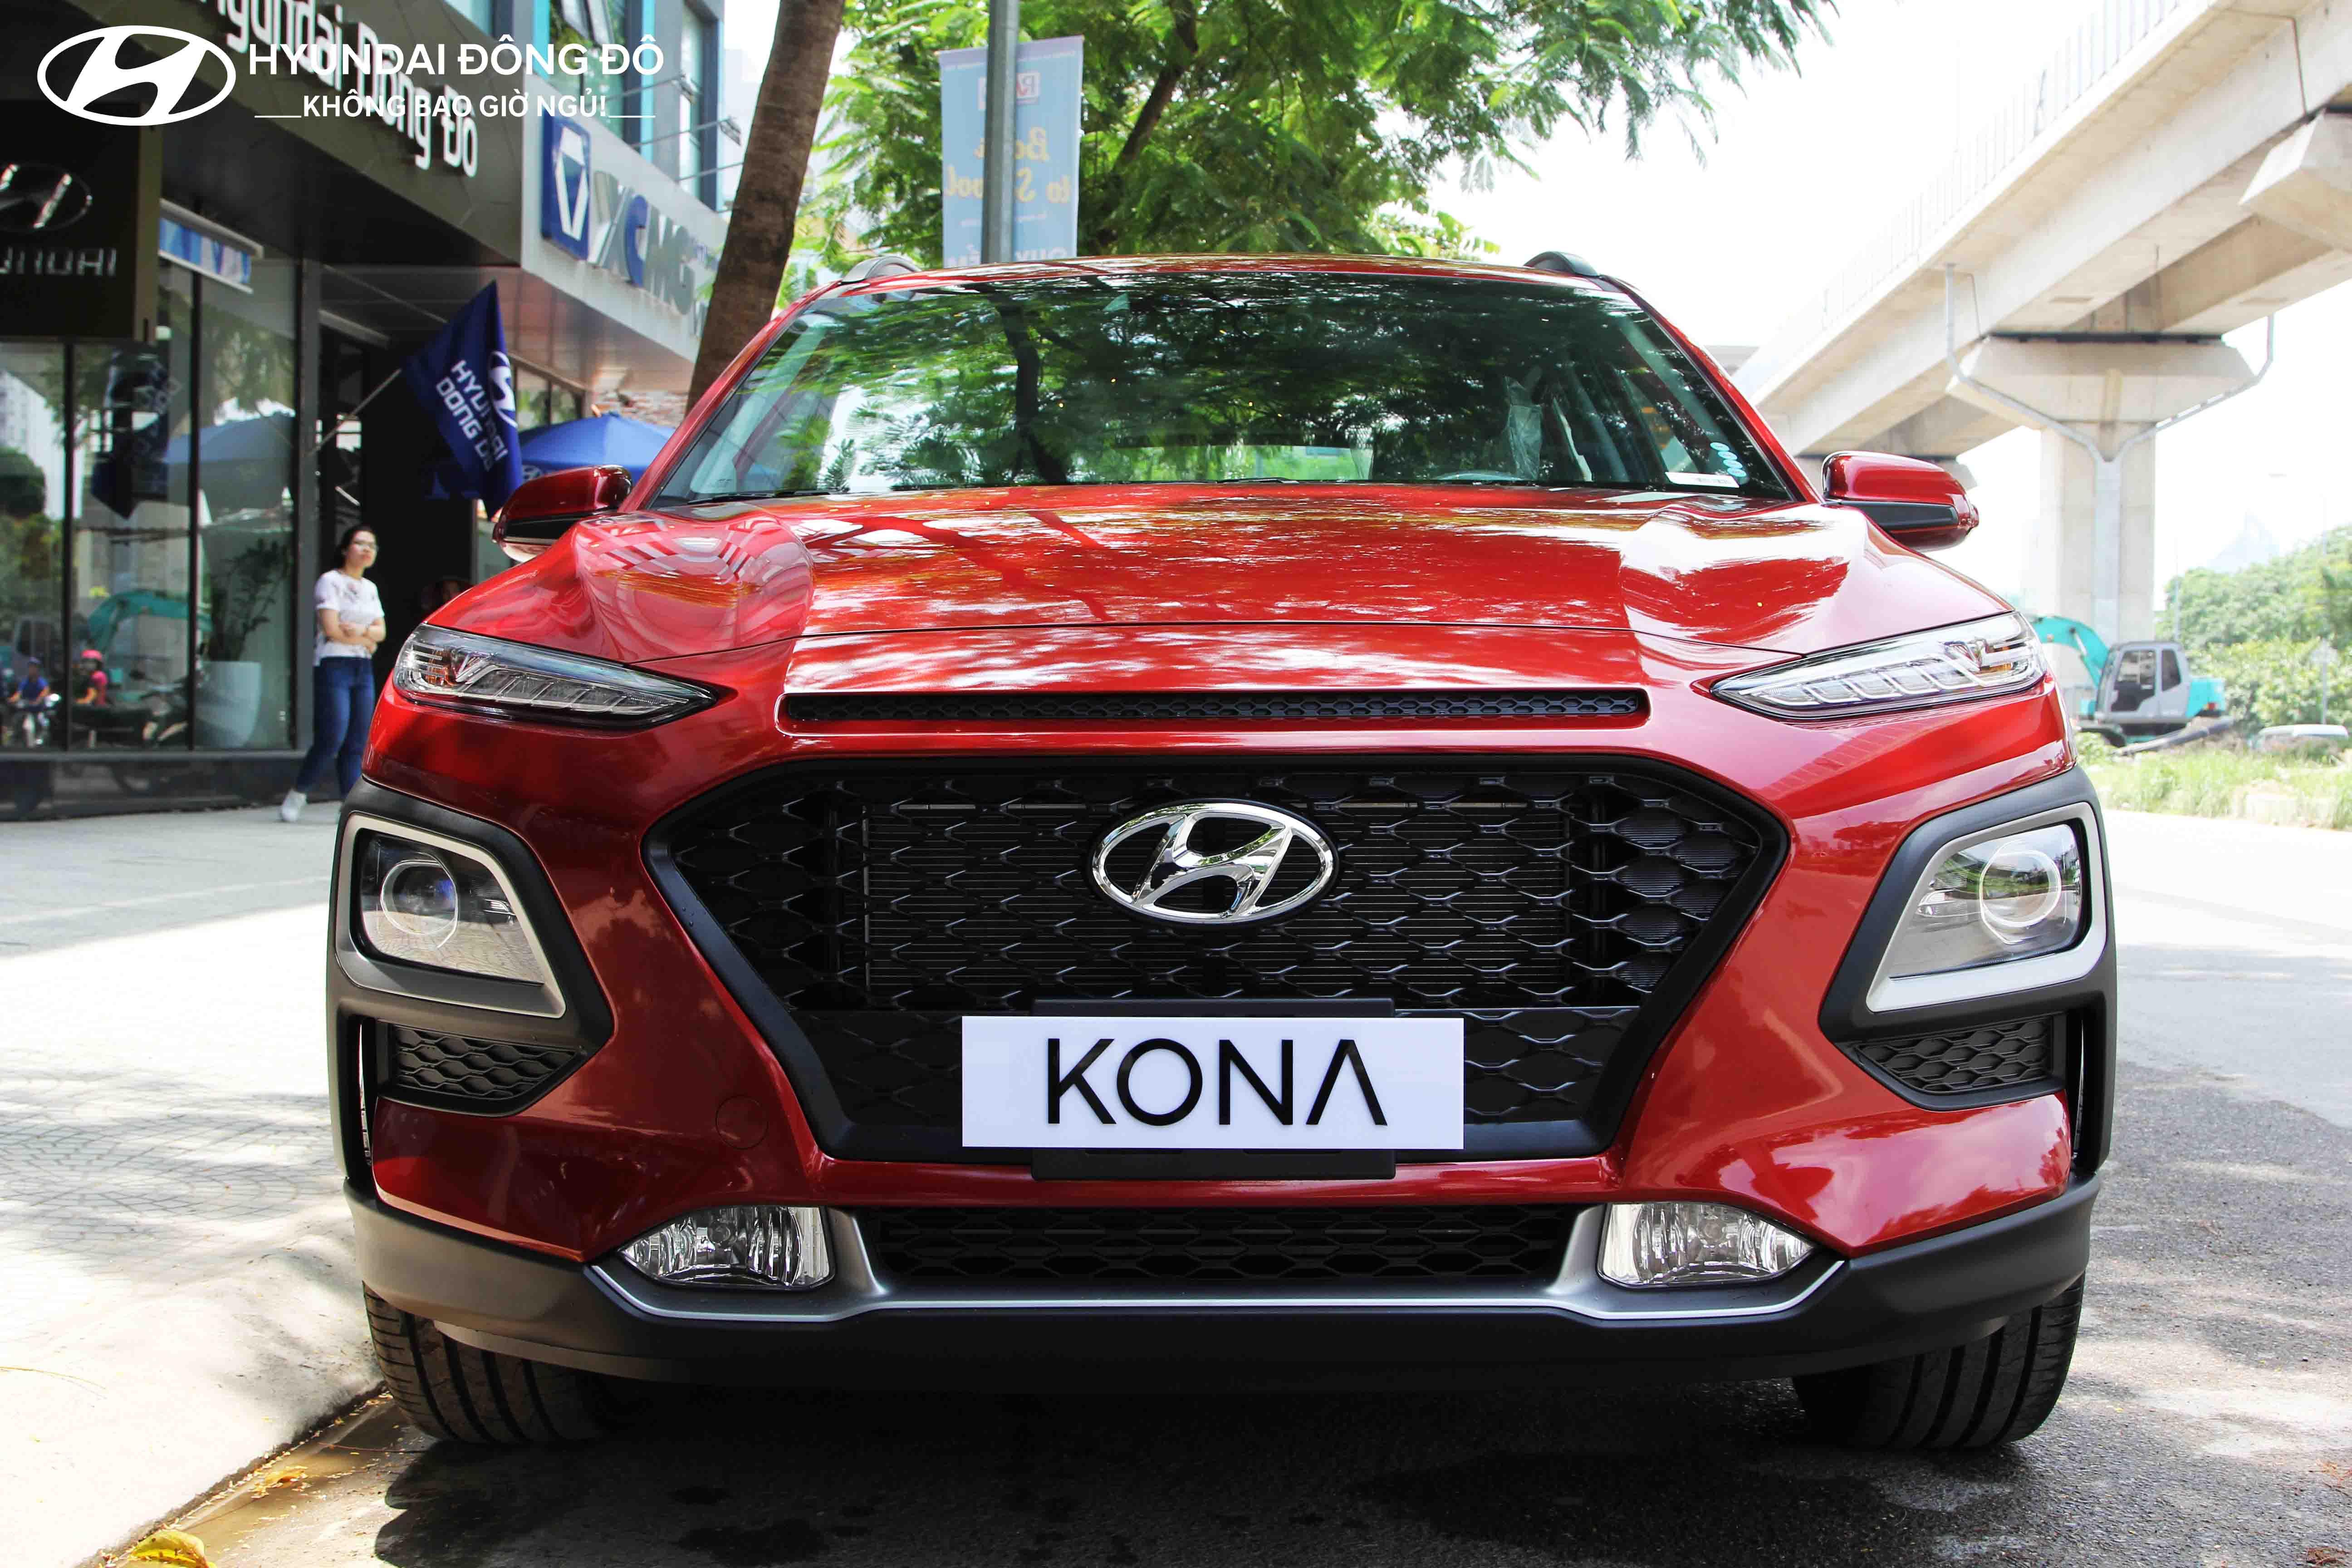 Bán Hyundai Kona 2.0 AT Giá Tốt Nhất Thị Trường!